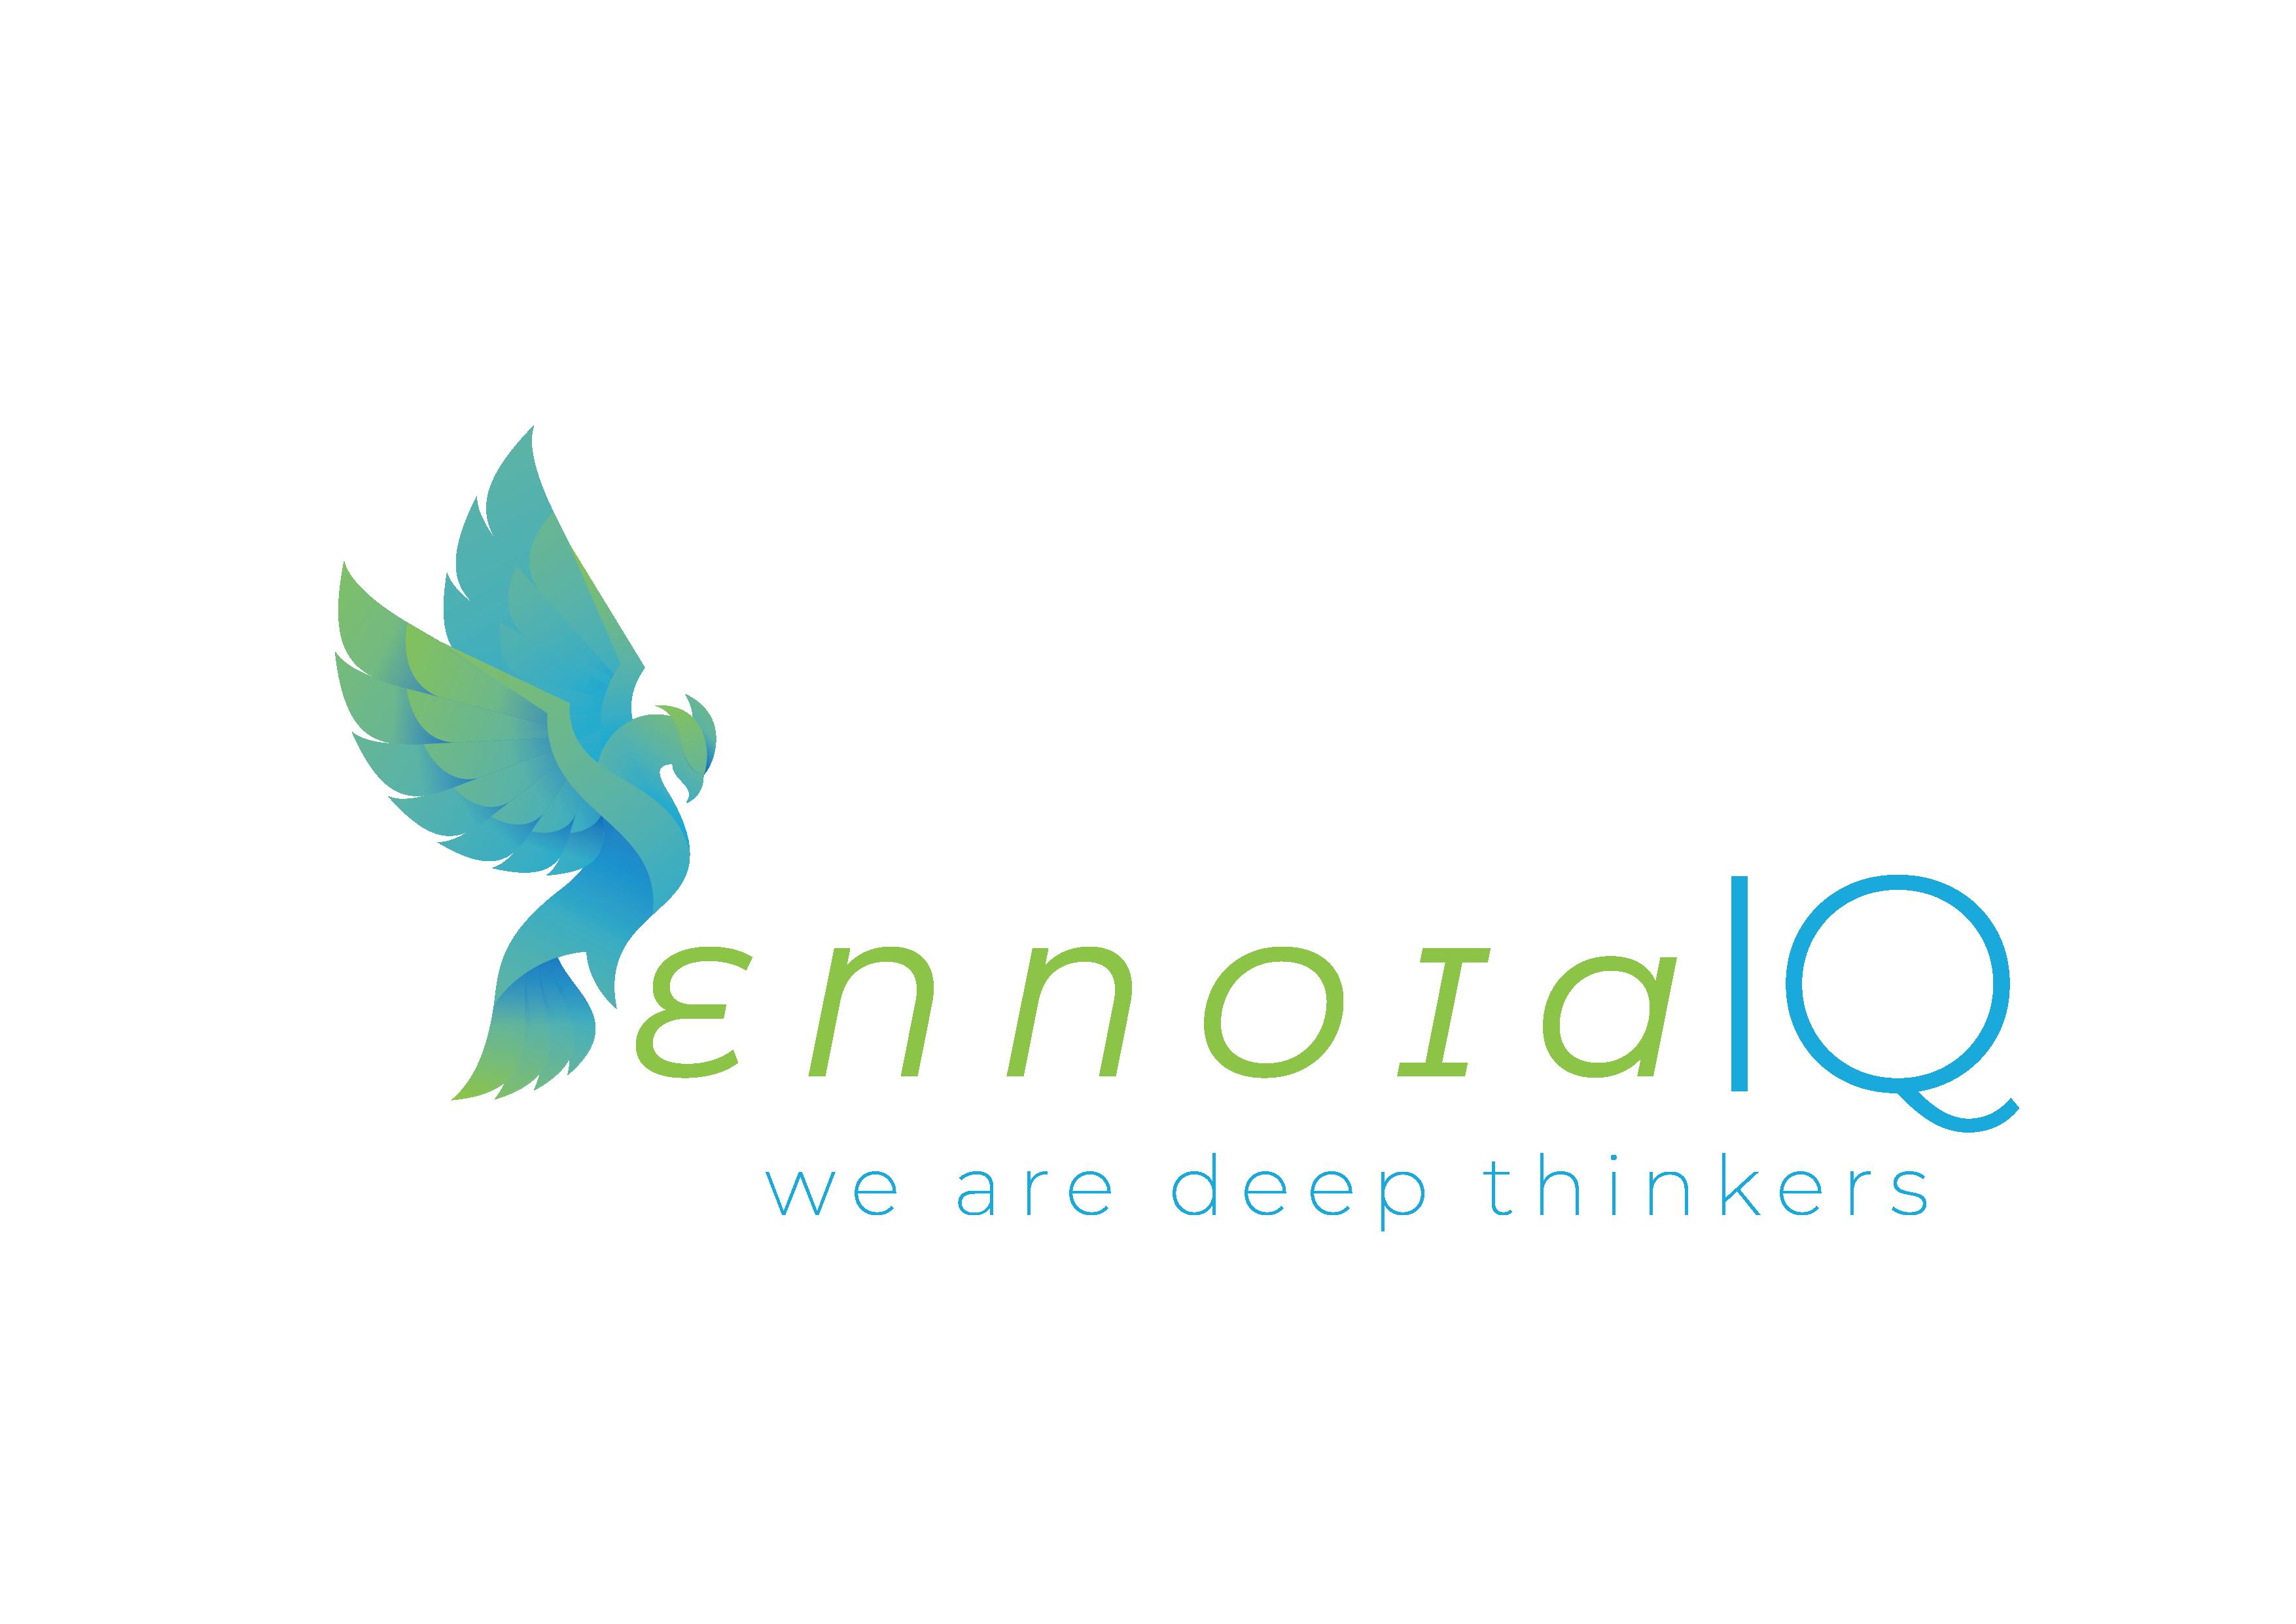 ennoiaIQ Company Limited